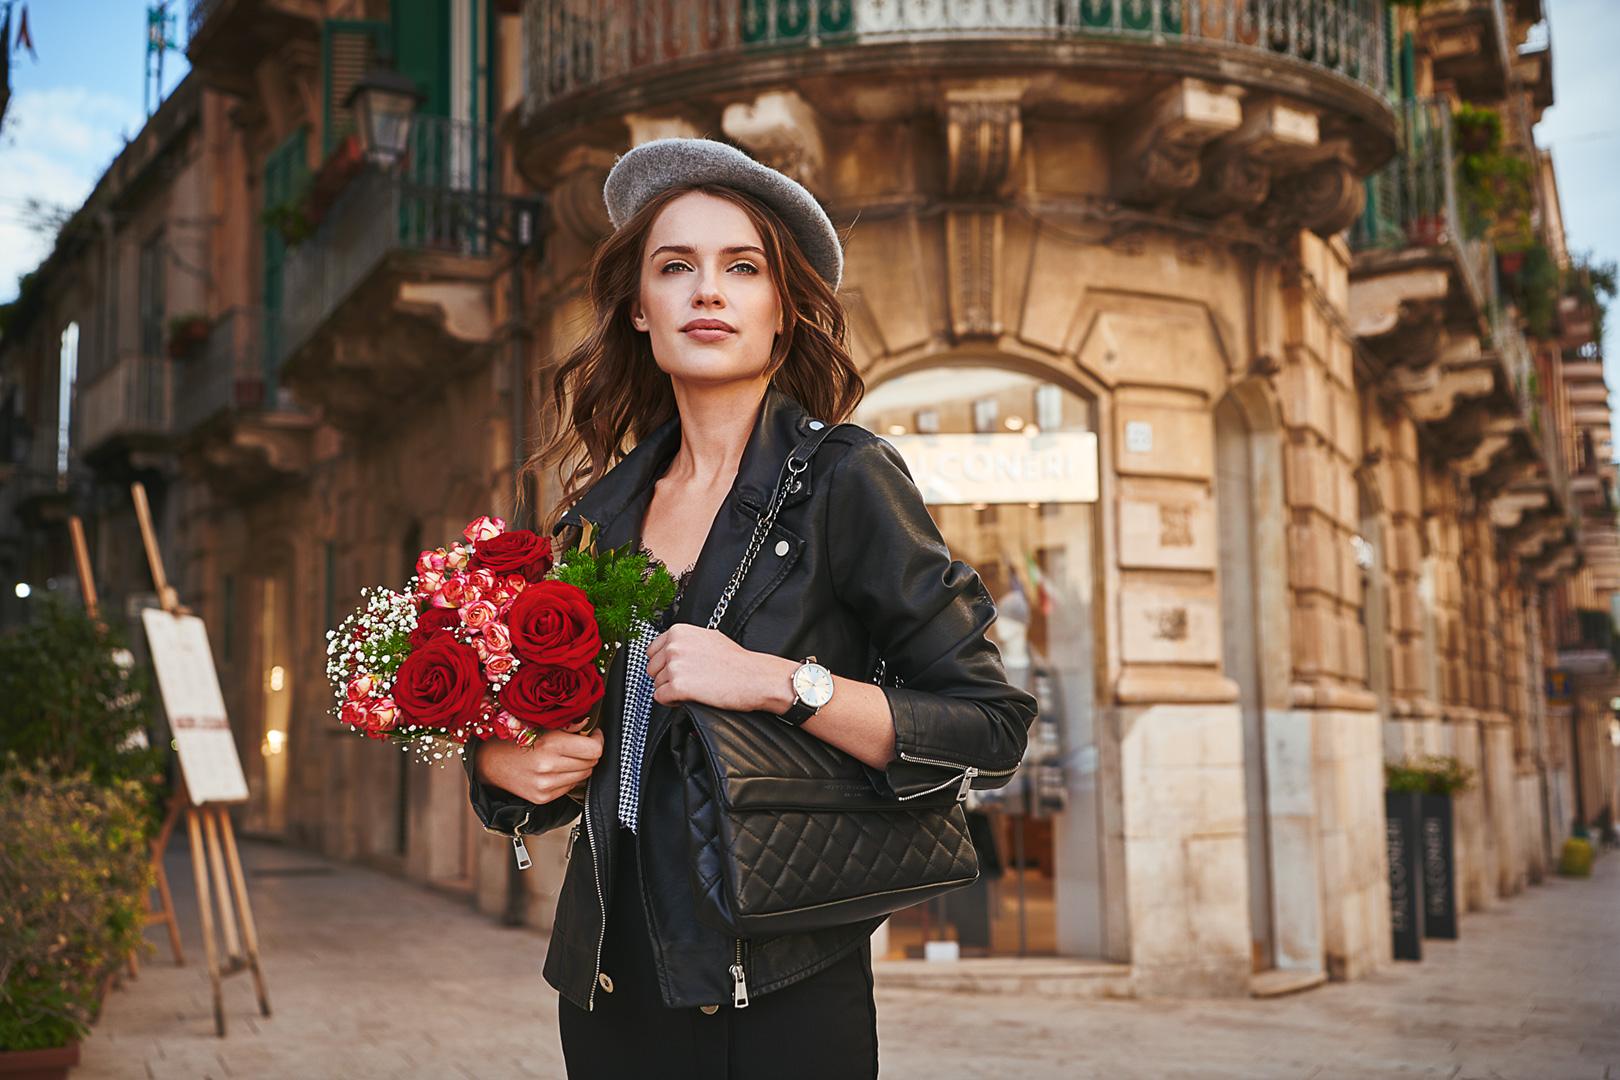 BlogStar: Your Valentine od Diverse - BlogStar.pl